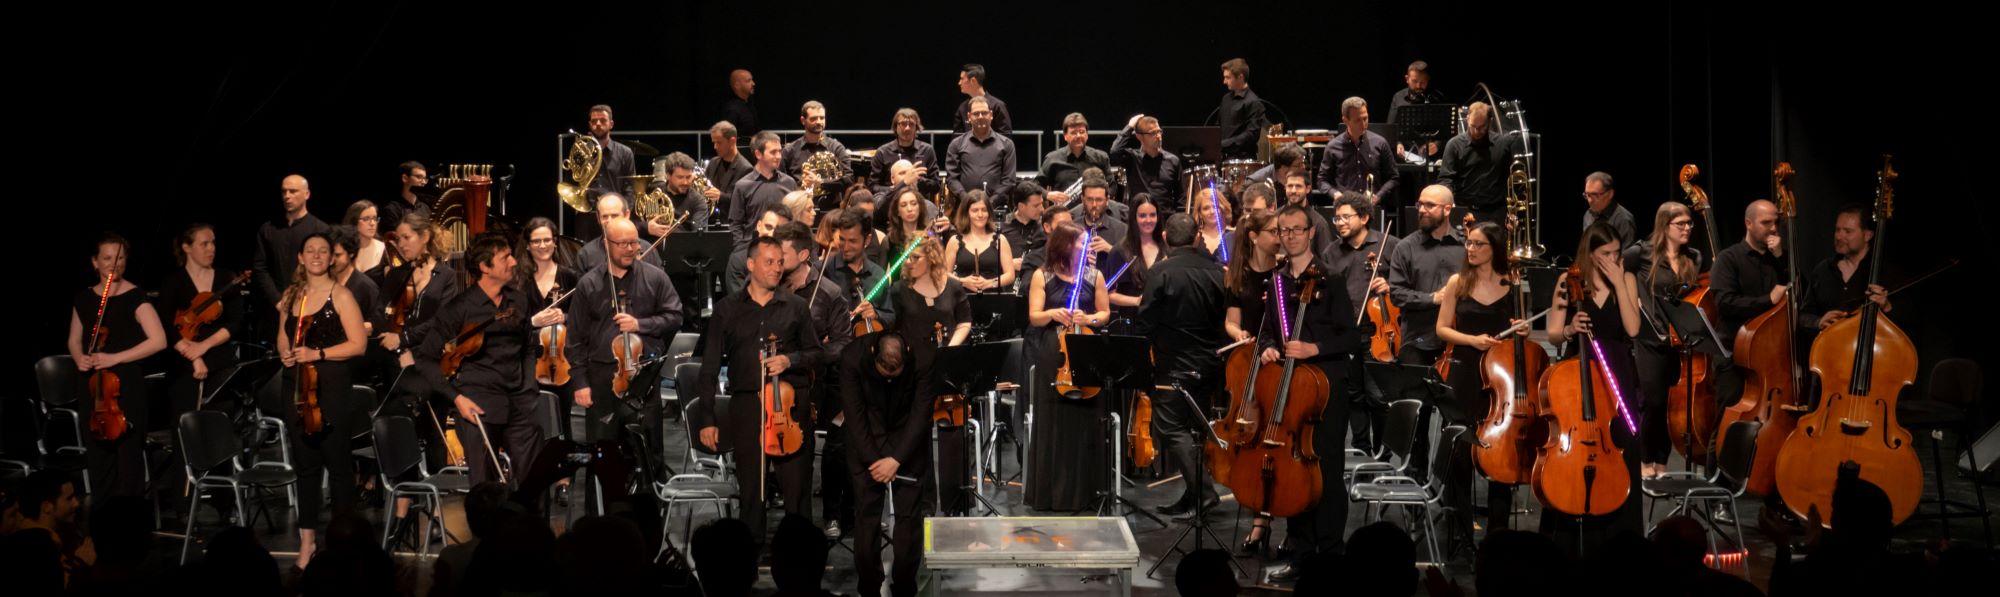 Festival Música Cine, Sonafilm